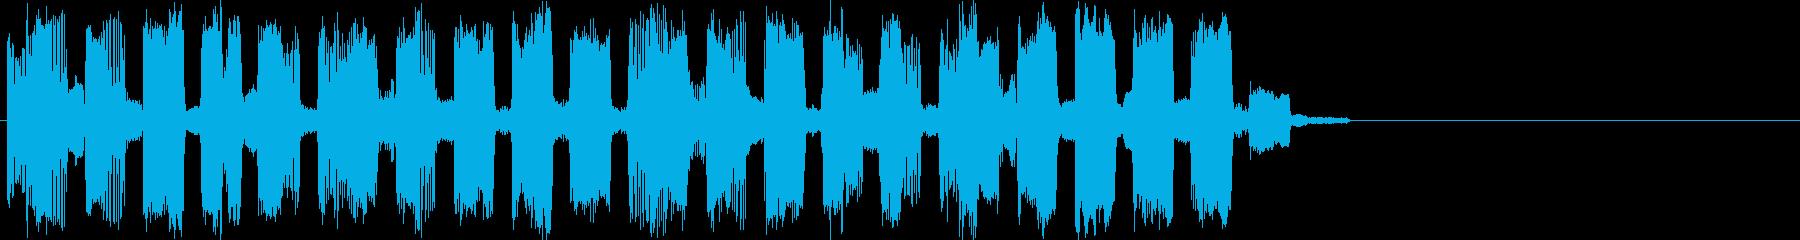 ズワゴゴズズッズワッゴ…(アイキャッチ)の再生済みの波形